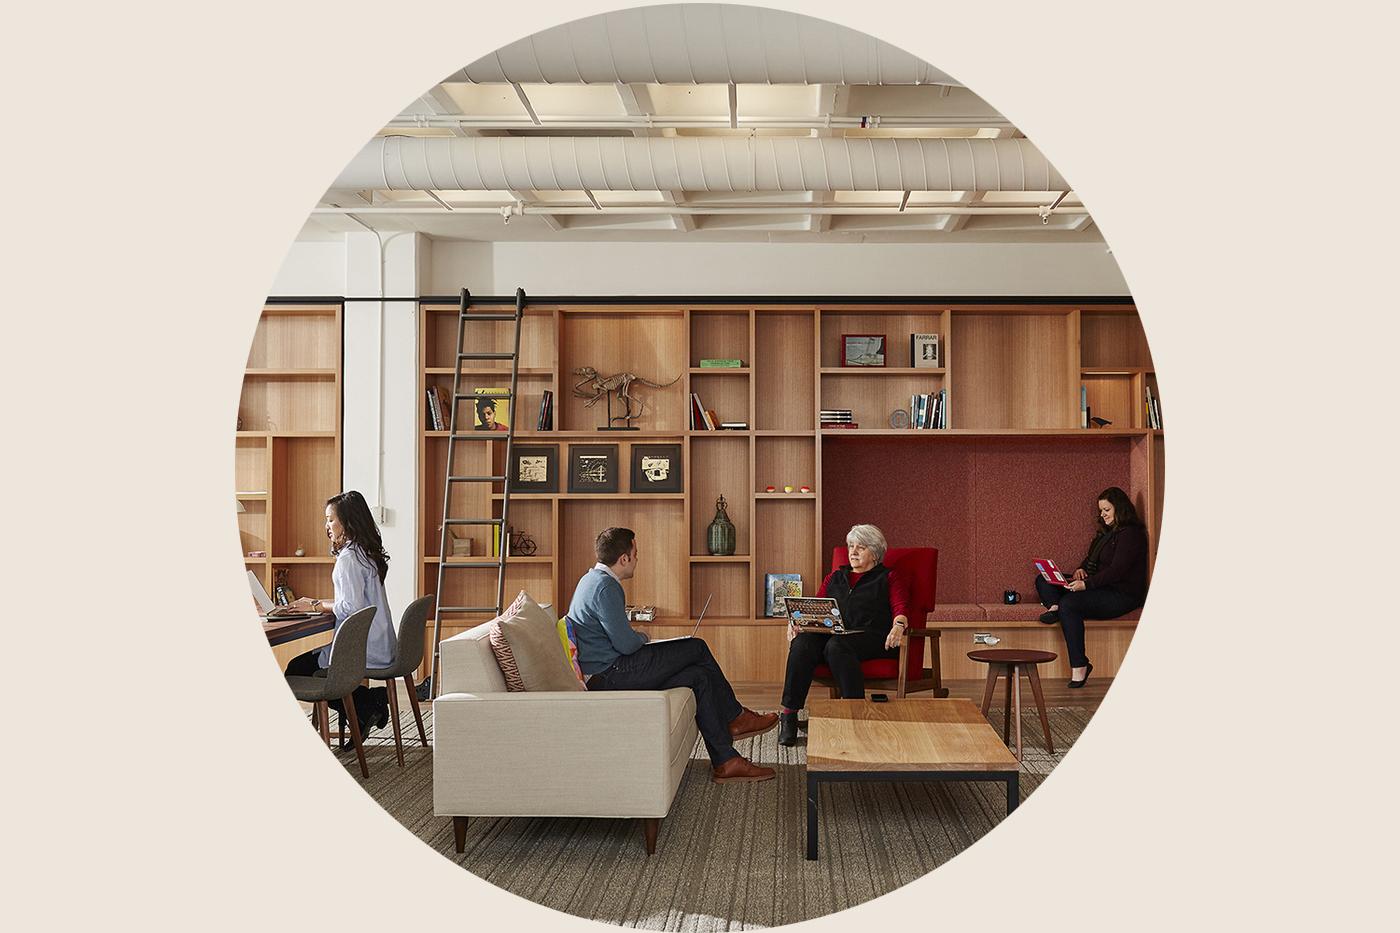 dagmar_studios_office_culture